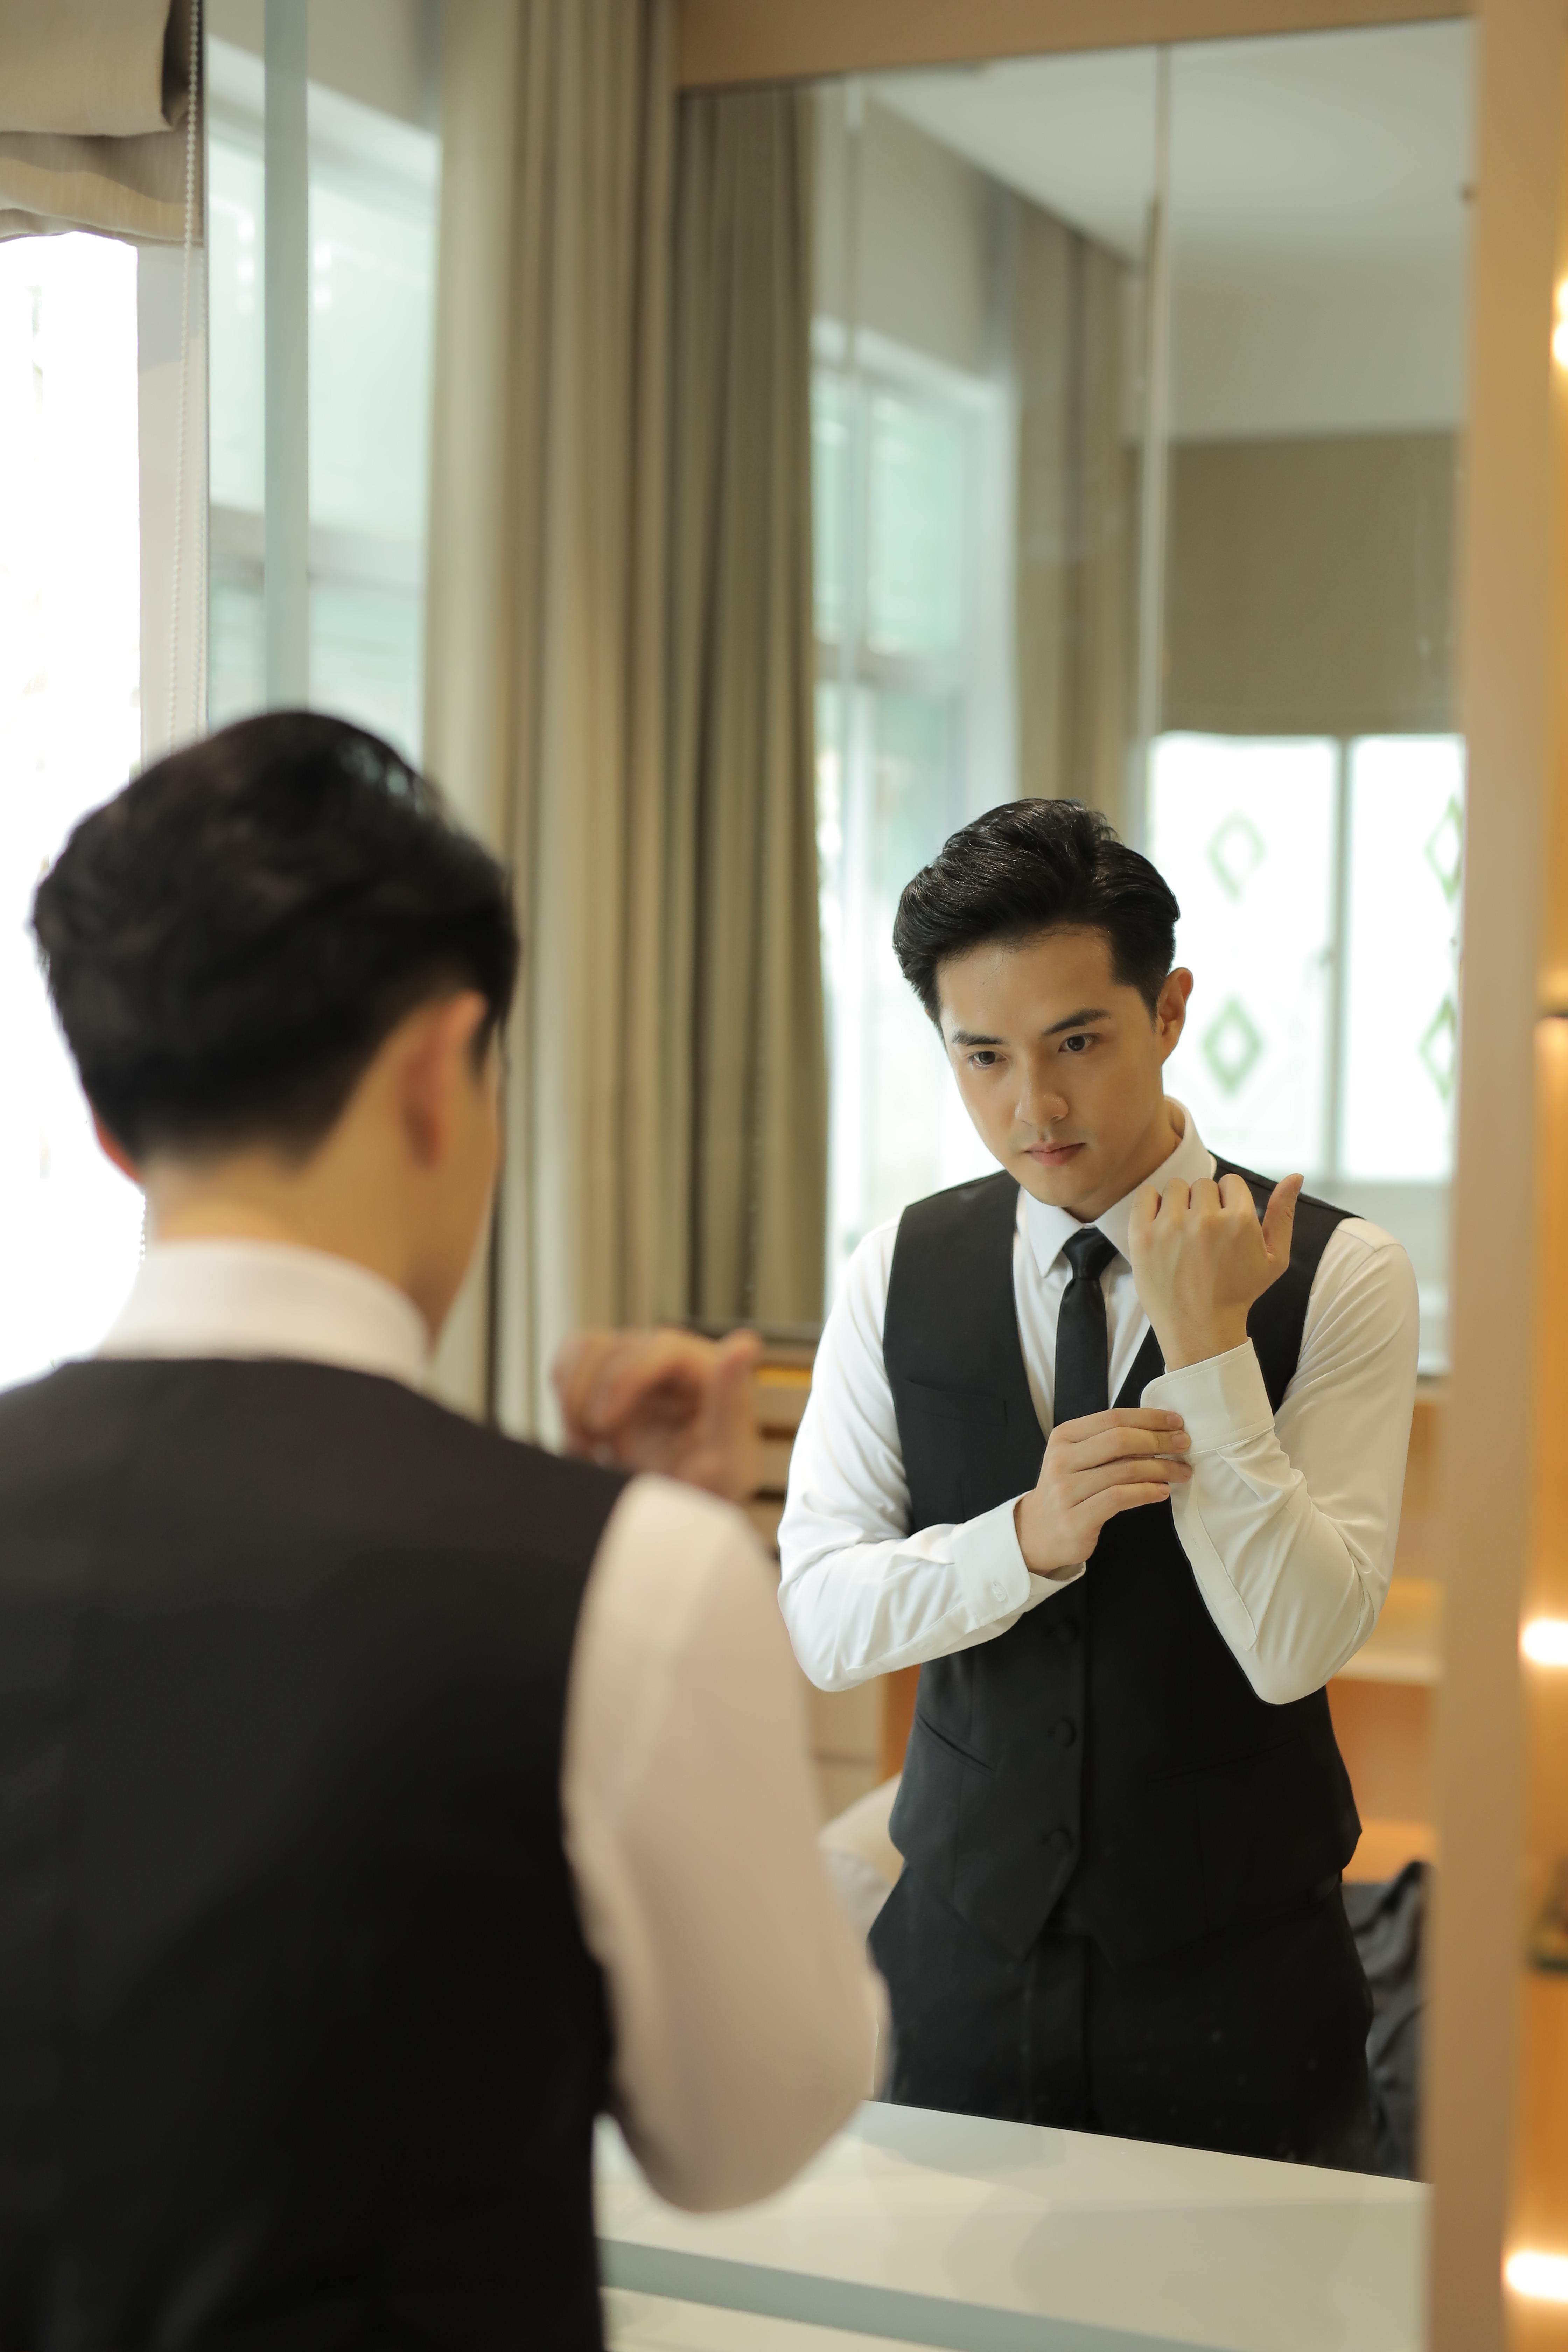 Le an hoi nao dong duong pho cua Dong Nhi - Ong Cao Thang hinh anh 3